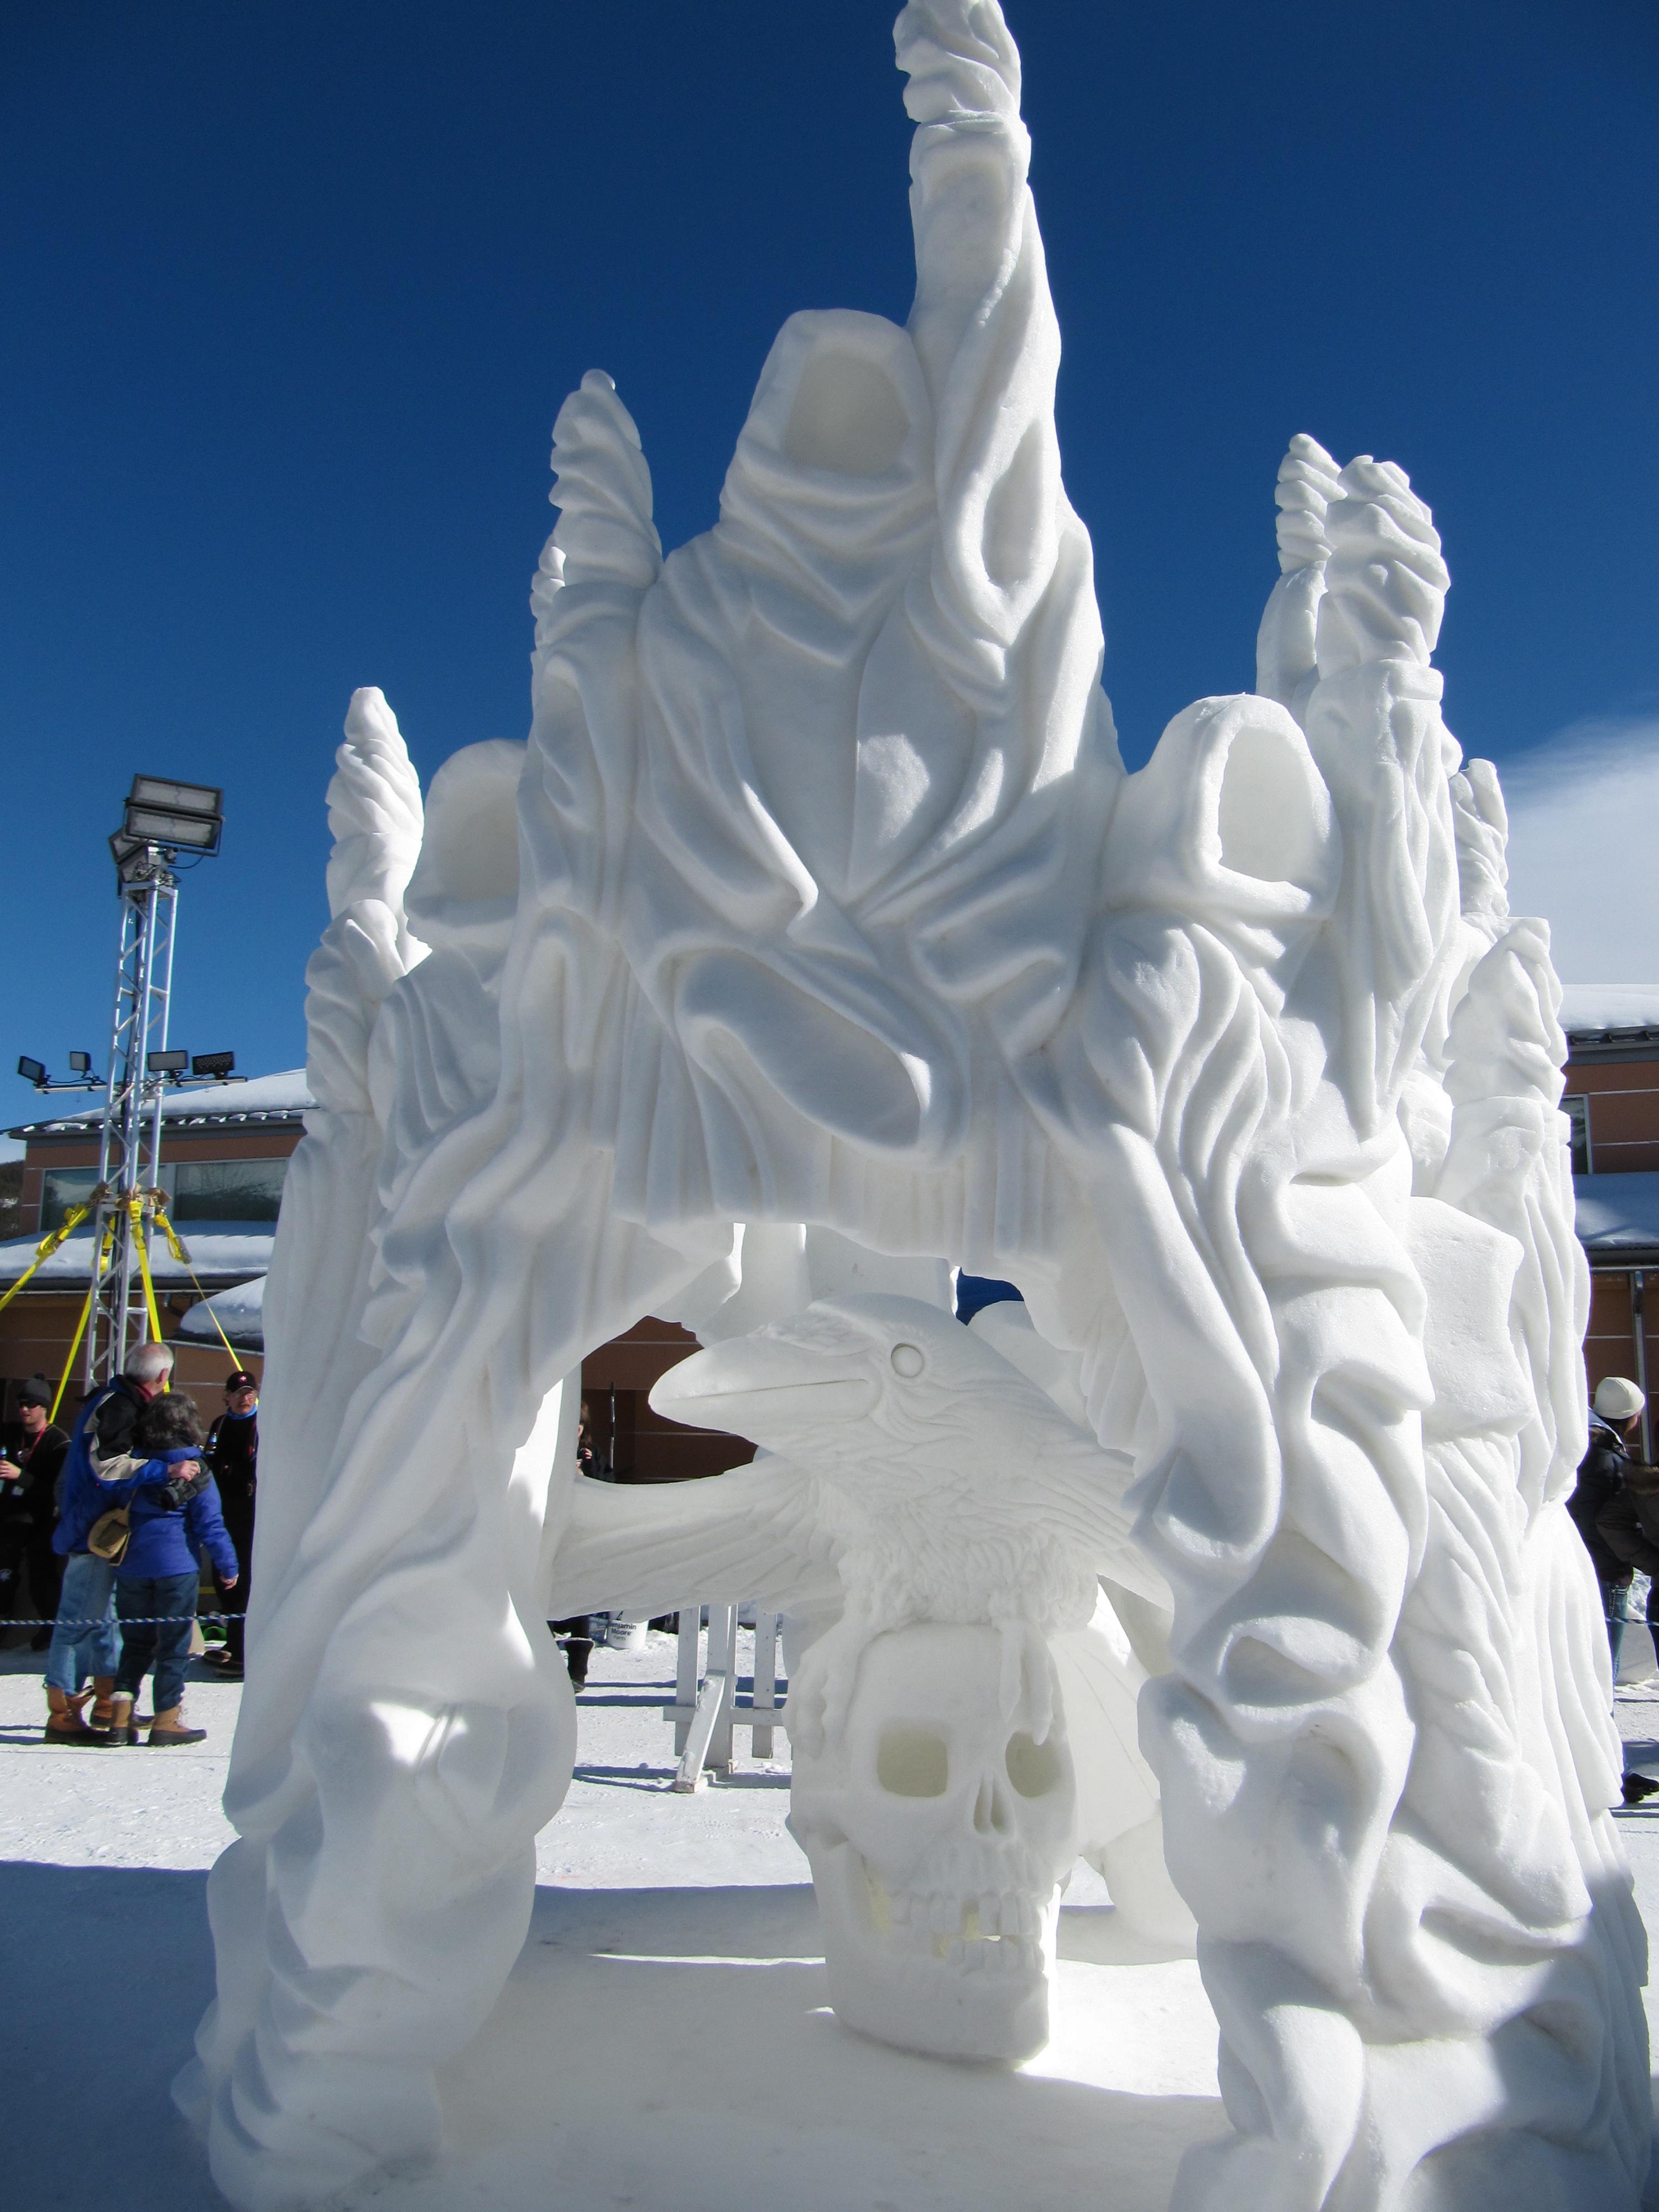 snow sculptures  breckenridge colorado  january 2013  2012